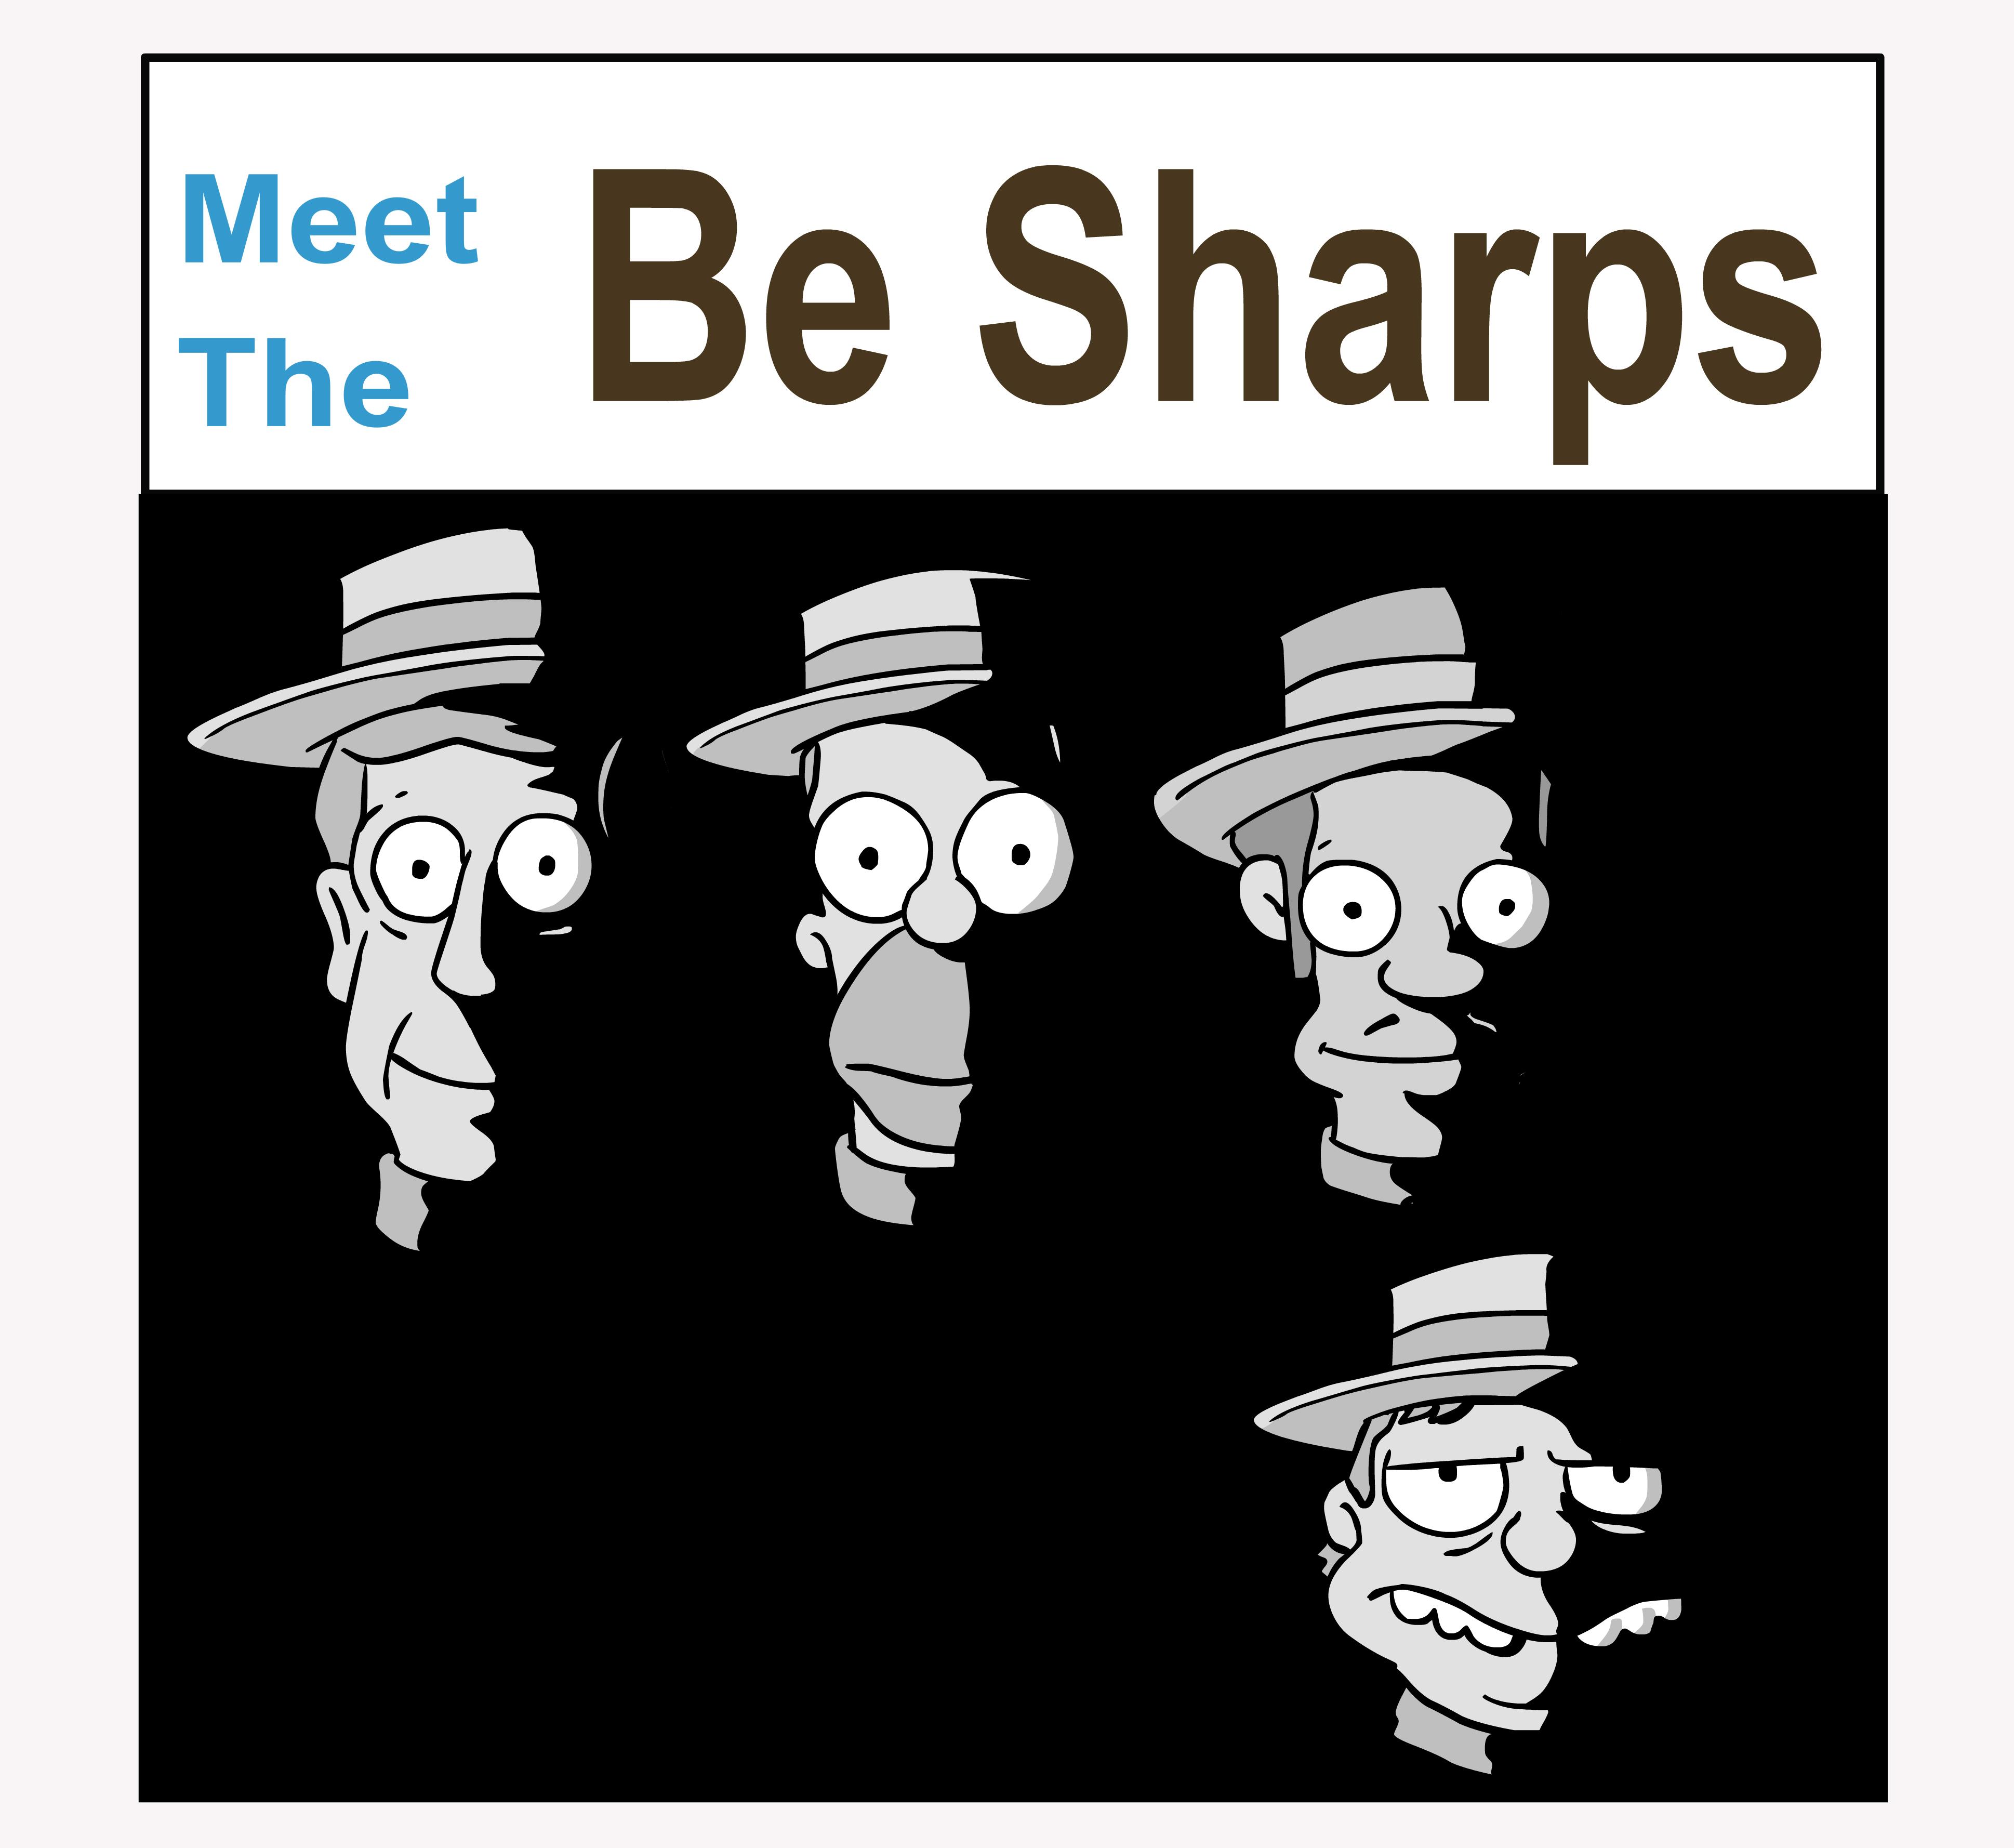 Stopinski/Fanarts dos Simpsons feitos por Stopinski